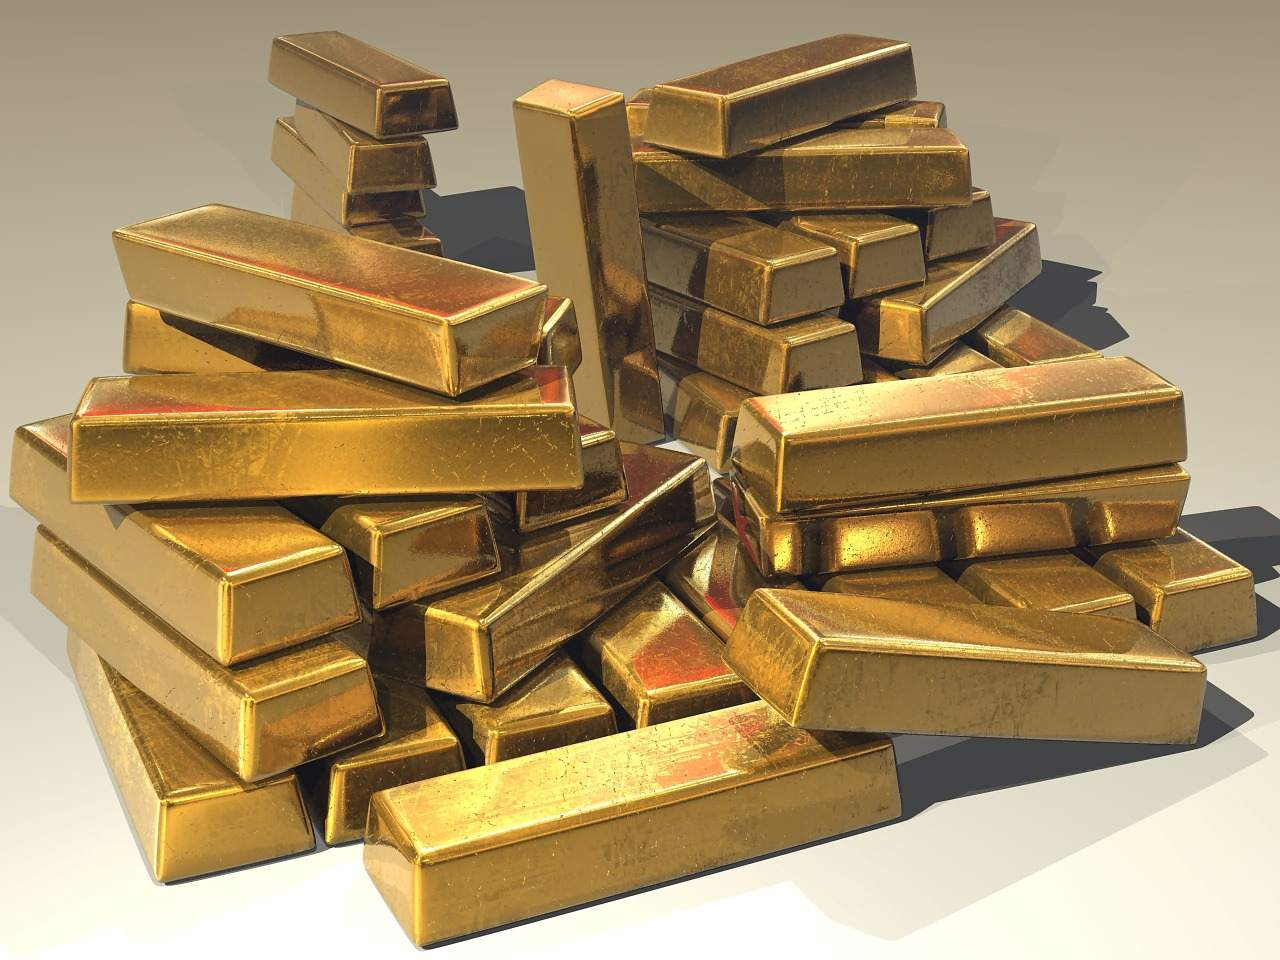 Gold Barren - Goldpreis robust - ETF helfen